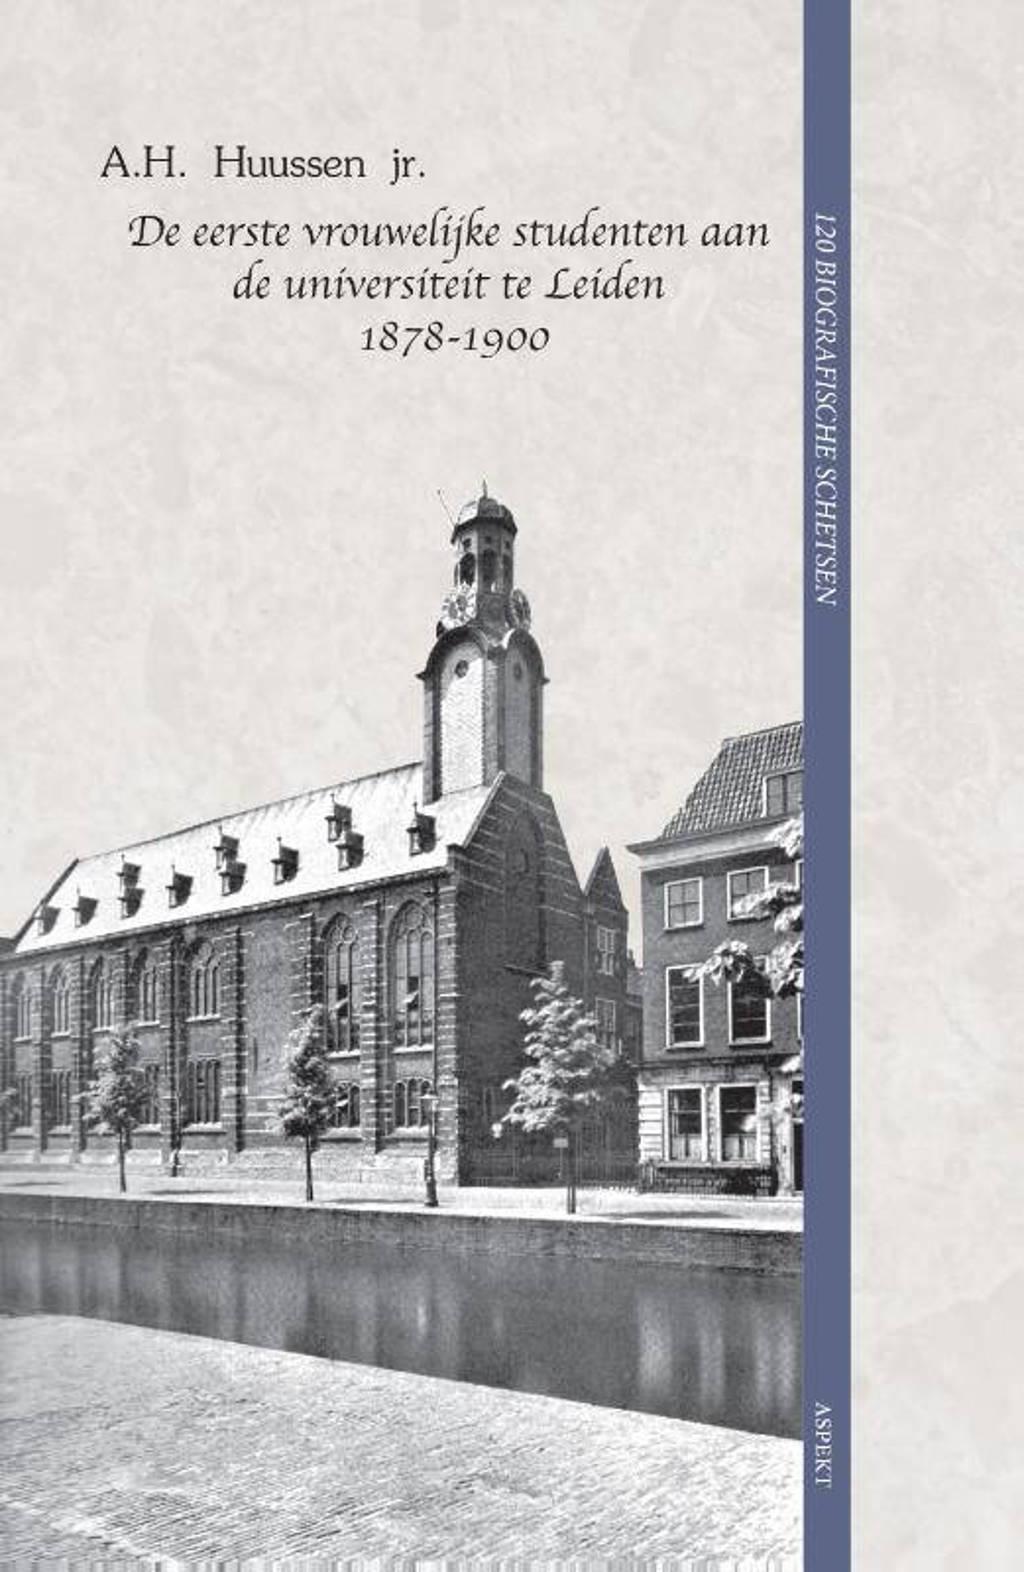 De eerste vrouwelijke studenten aan de universiteit te Leiden 1878-1900 - A.H. Huussen jr